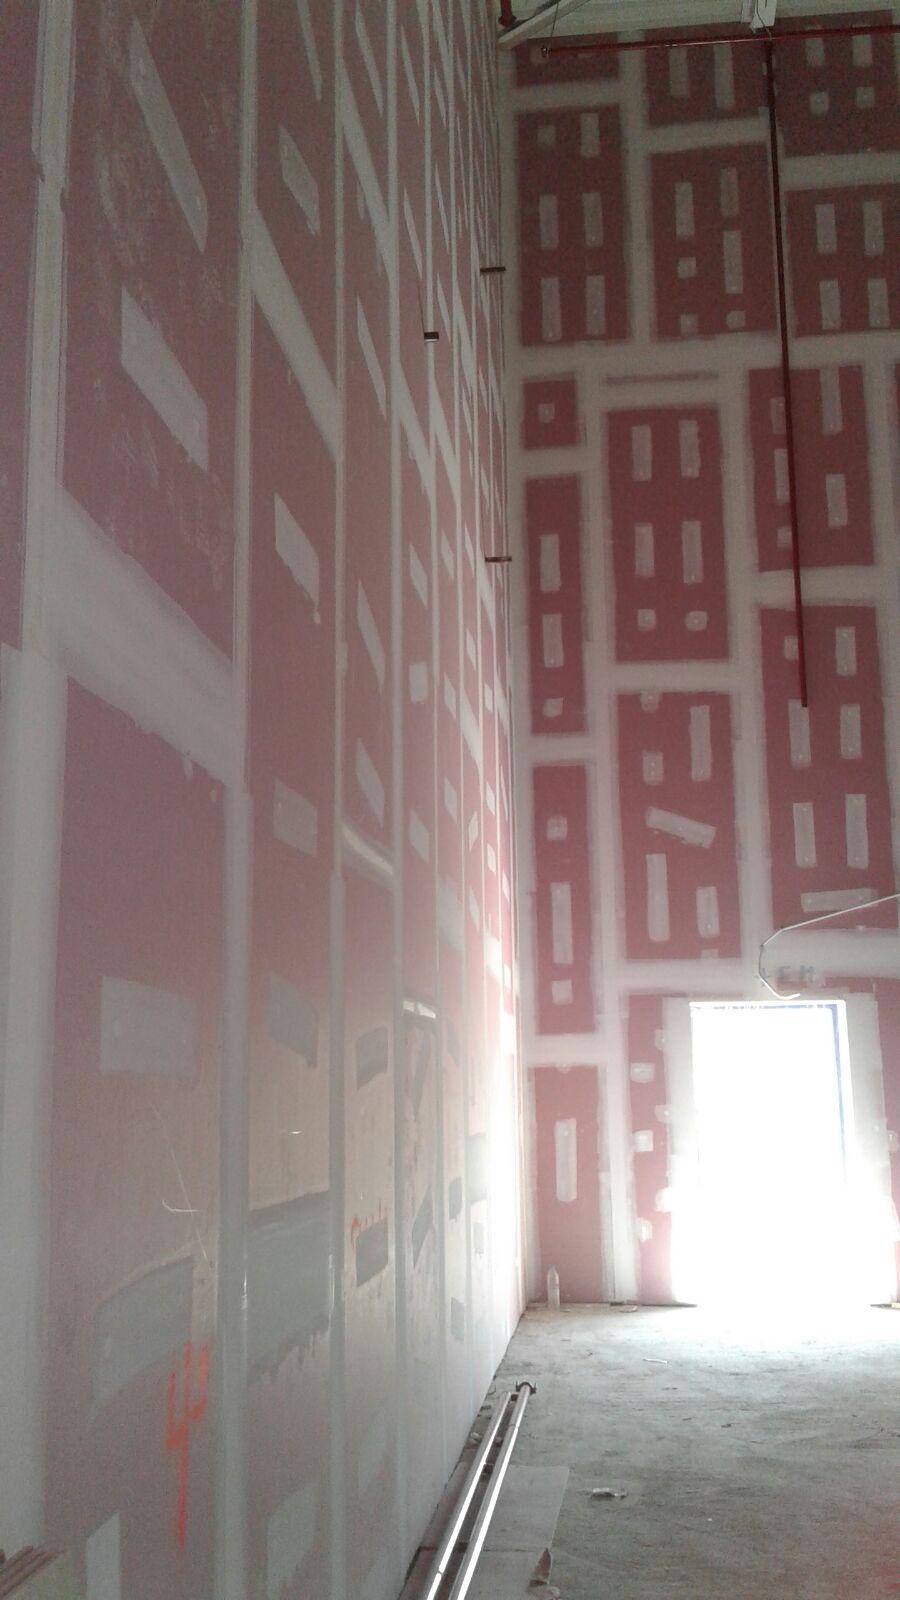 Opincan - Salas de cine Yelmo en el Centro Comercial Alisios - Obras 14